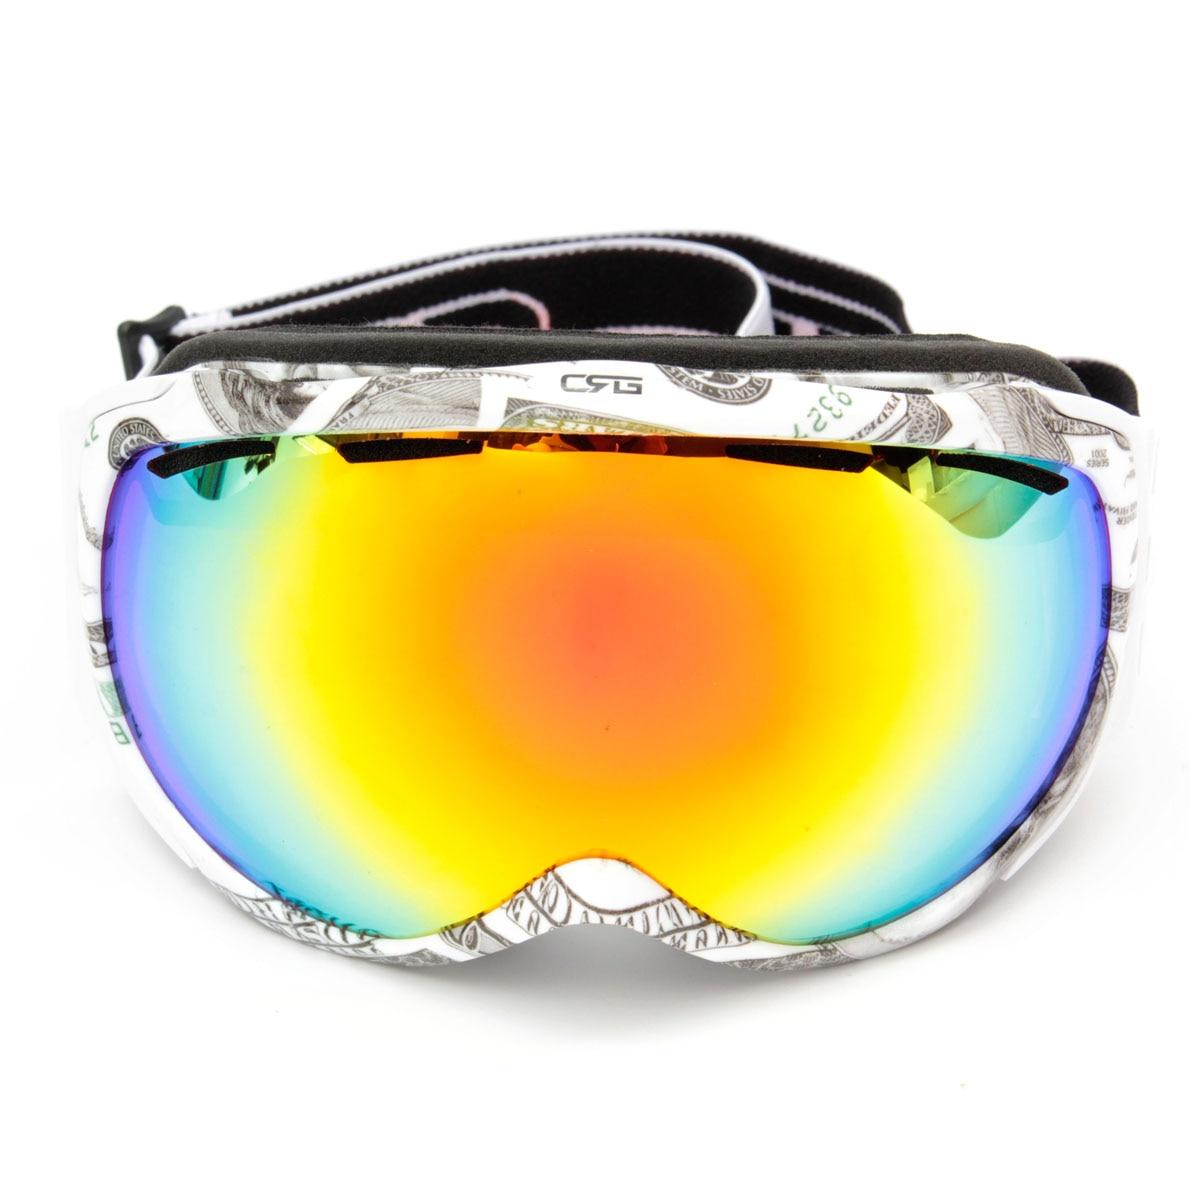 Prix pour Marque Unisexe Adultes Professionnel Sphérique Double Lentille Miroir Snowboard Anti Brouillard UV Ski Lunettes Lunettes